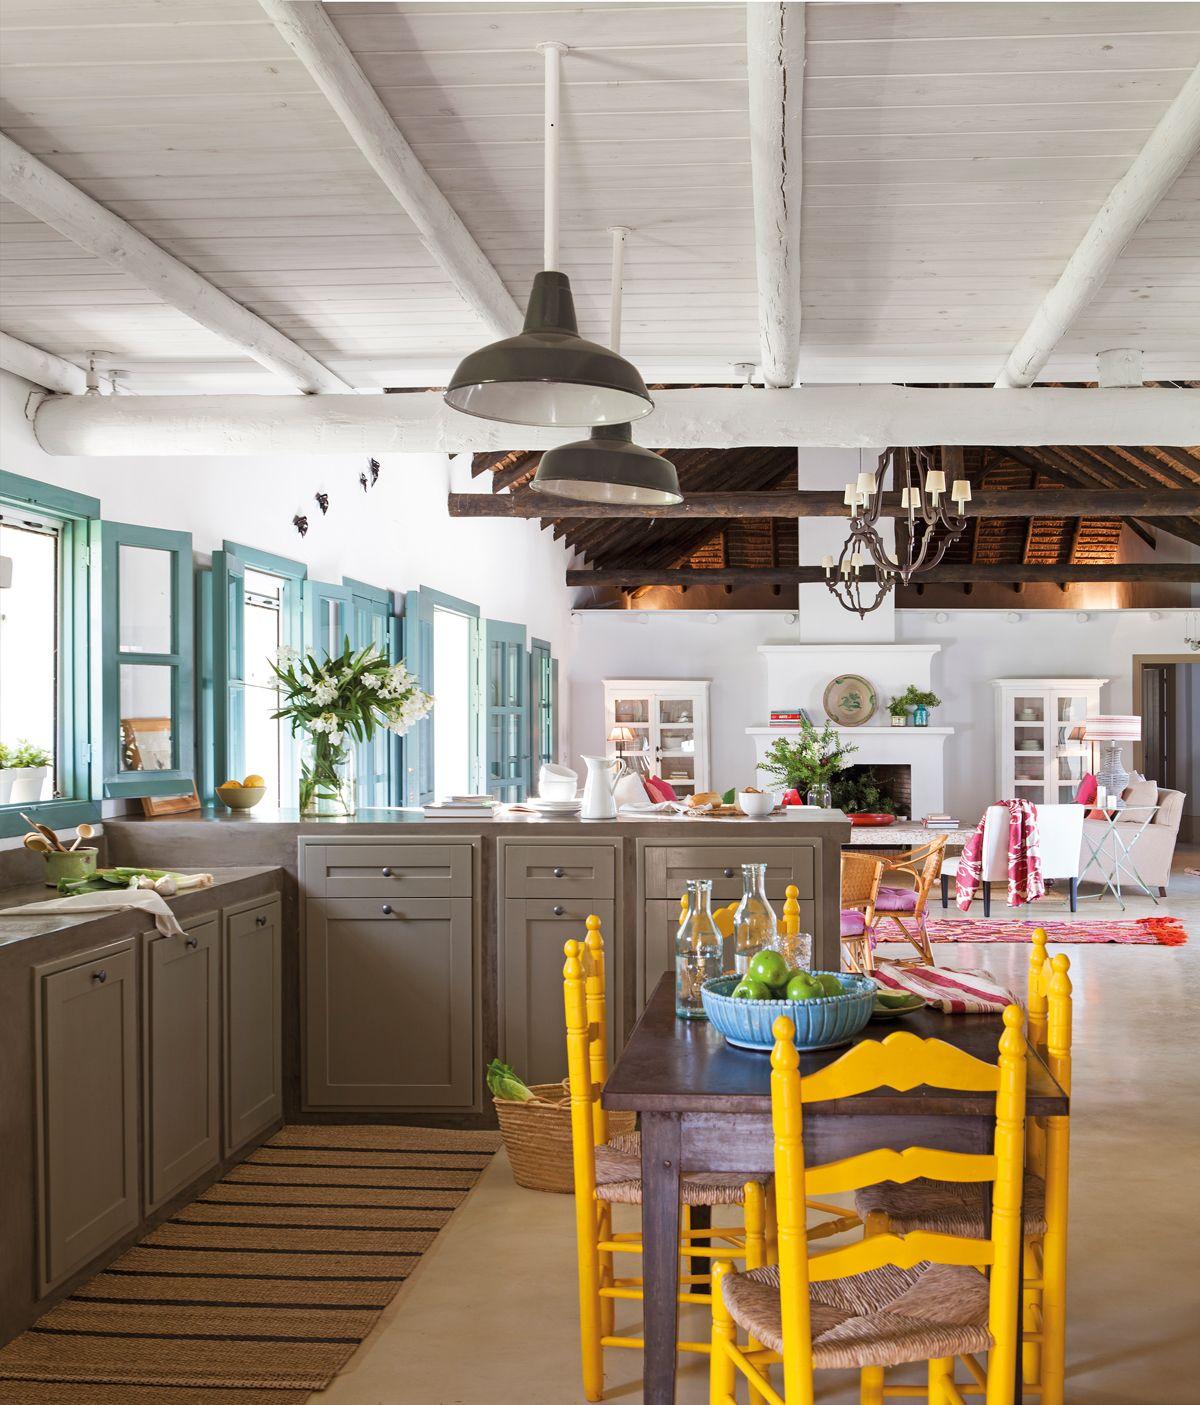 Muebles pintados gana vida y color decoraci n for Sillas cocina amarillas